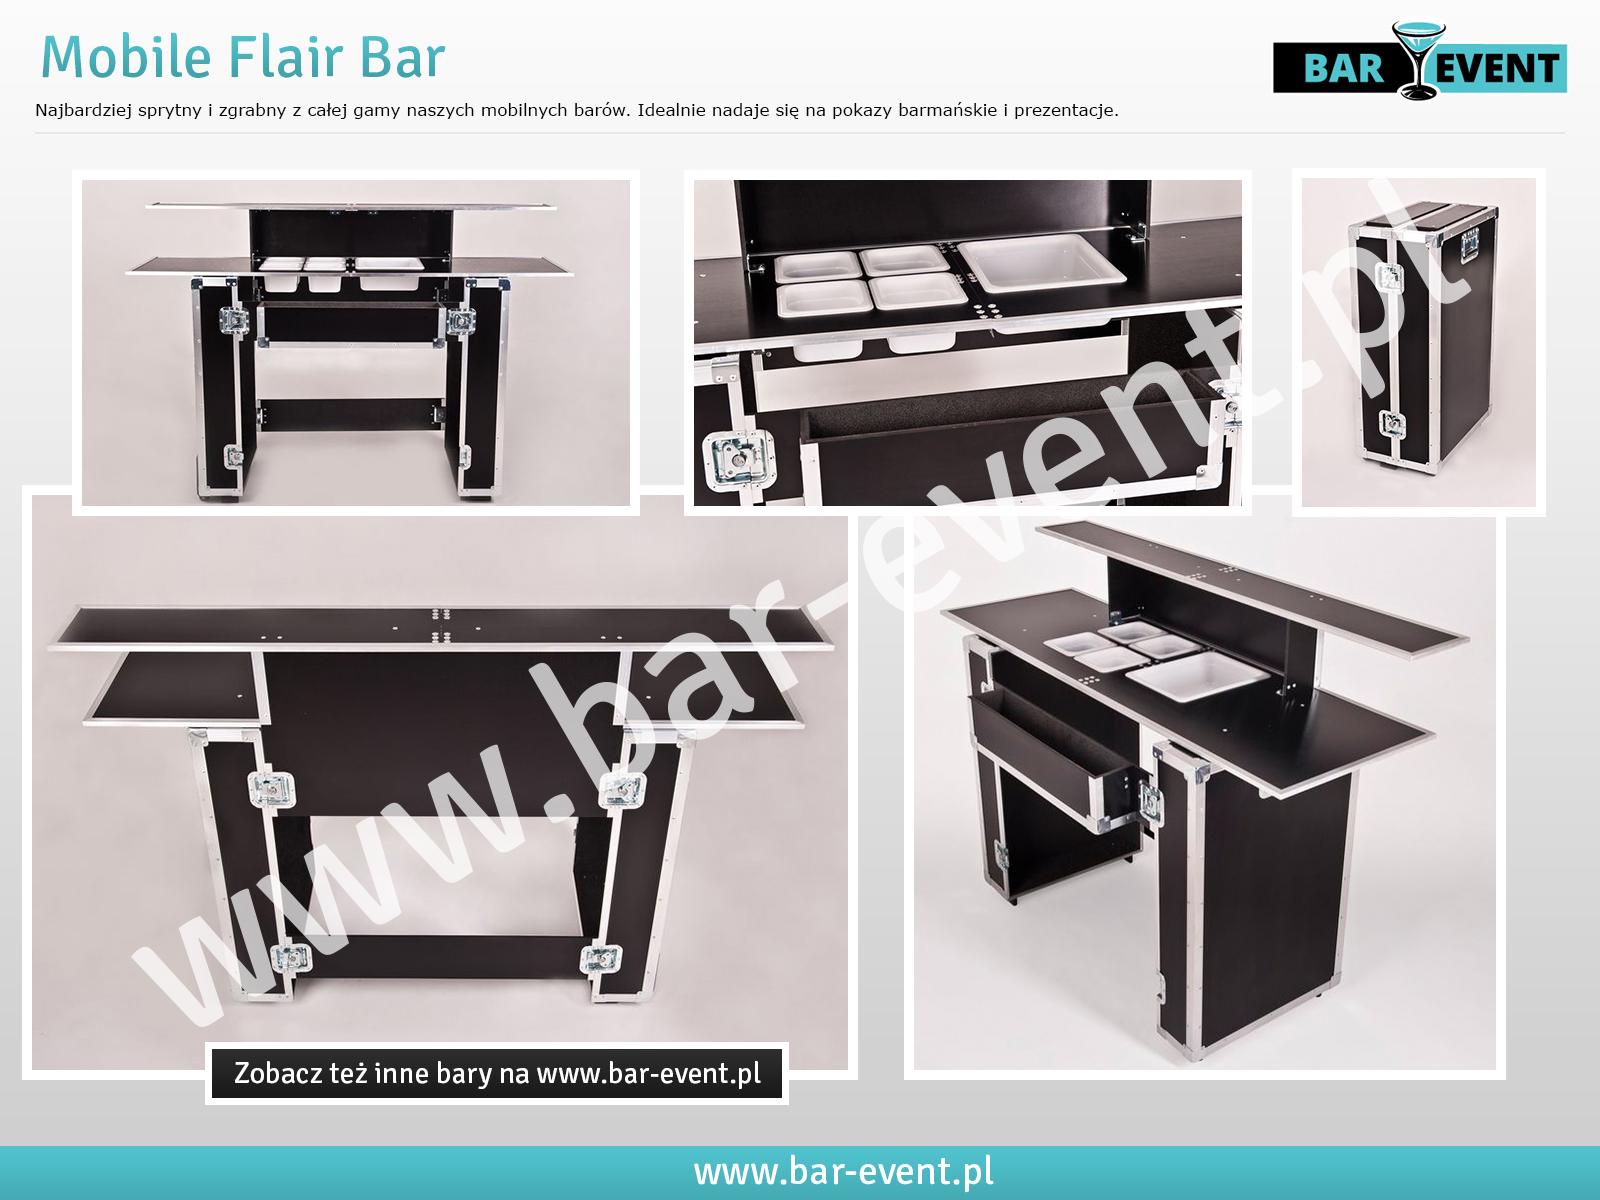 Mobile Flair Bar - Mobilne Bary Sprzedaż Produkcja